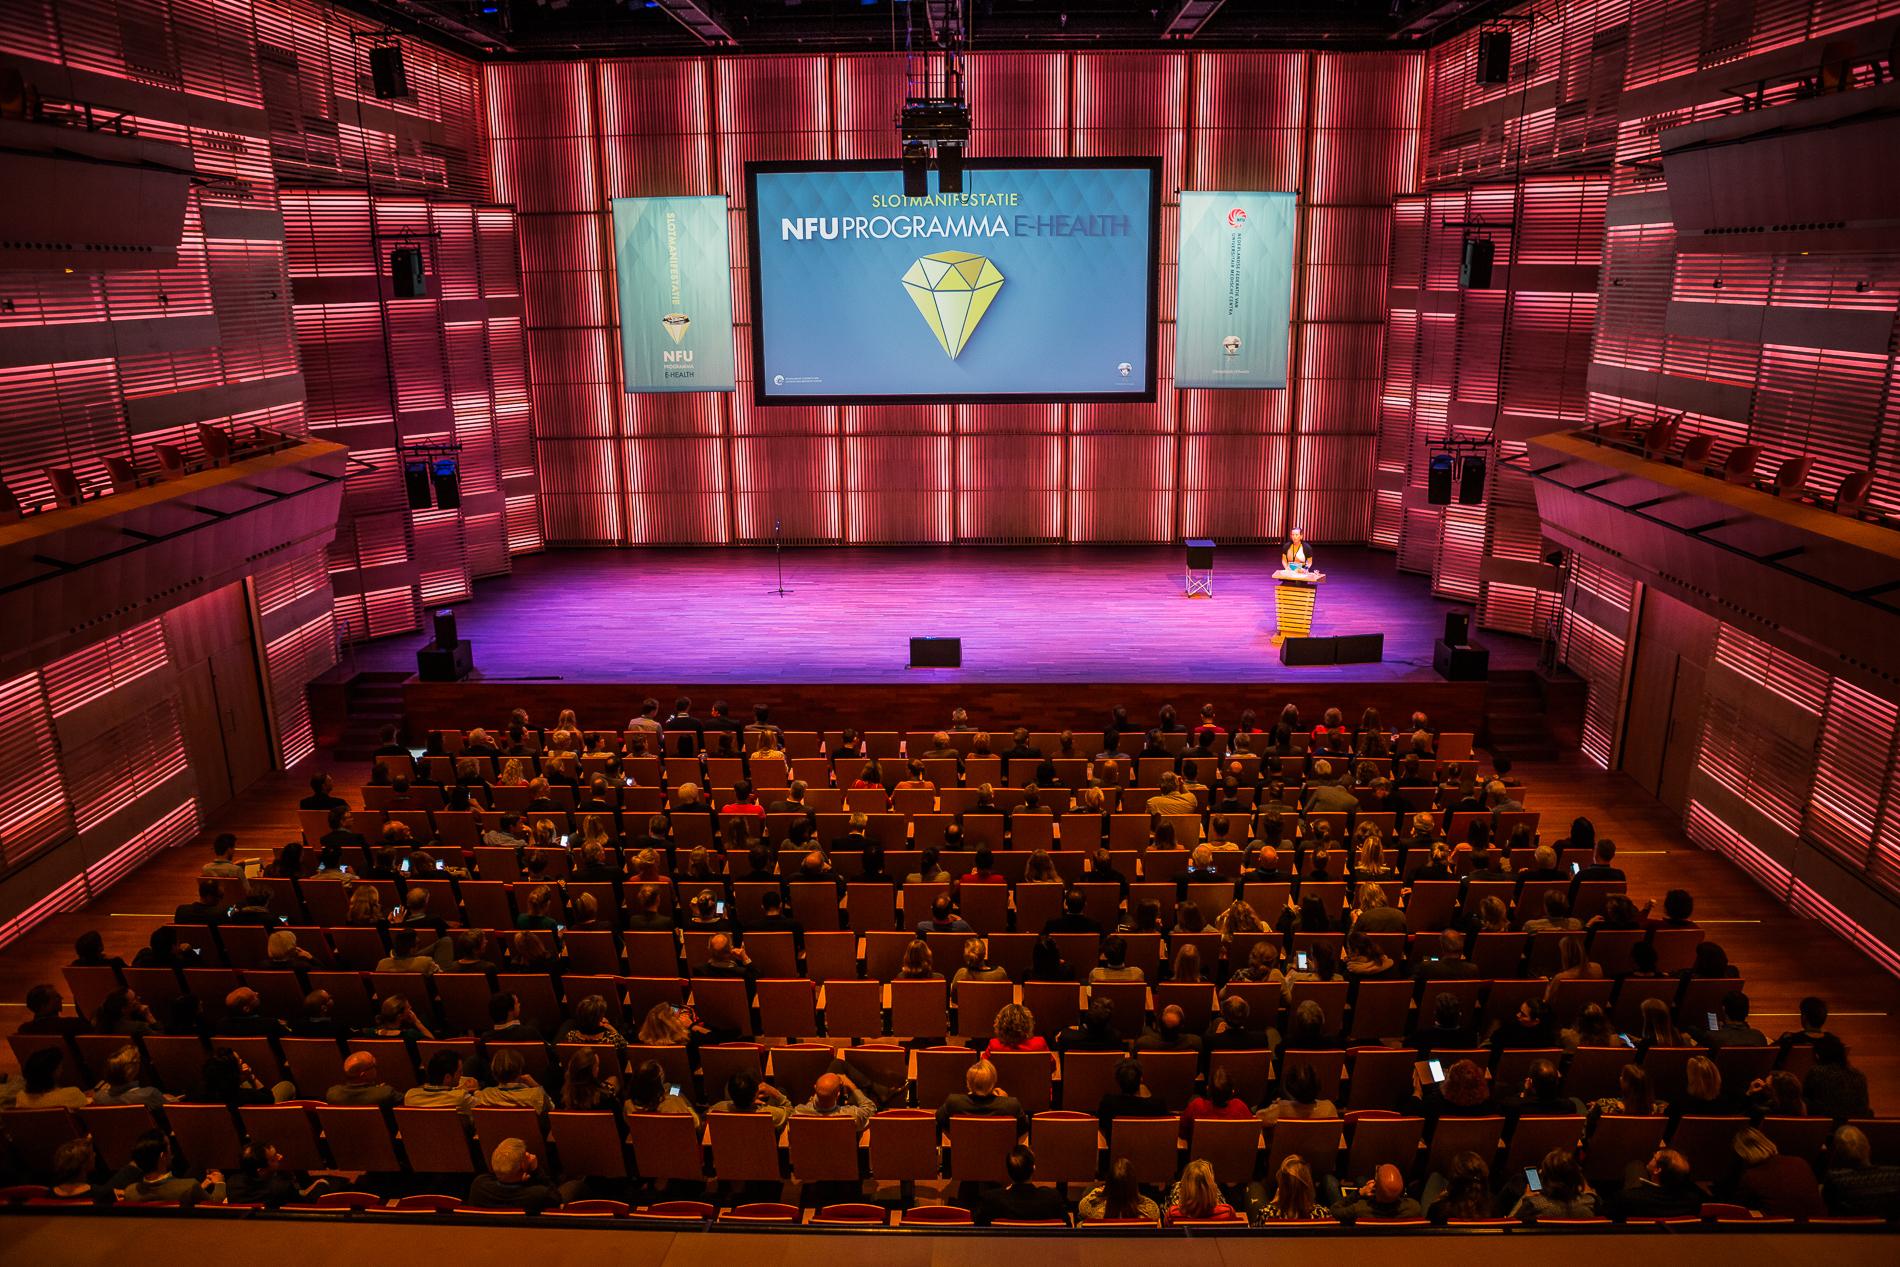 Eventfotograaf, eventfotografie, partyfotograaf, beursfotograaf, Symposium fotograaf, event, fotograaf events,Muziekgebouw aan t IJ